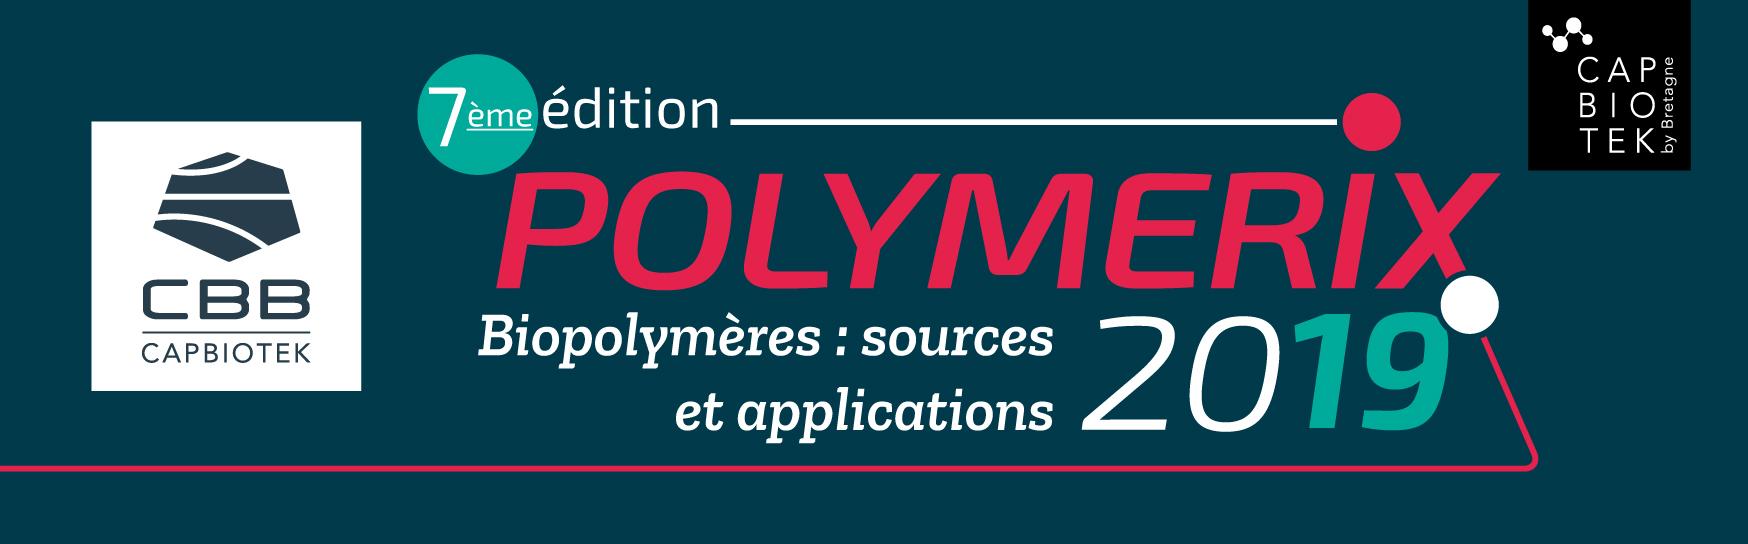 biotech info publicites bannière polymerix